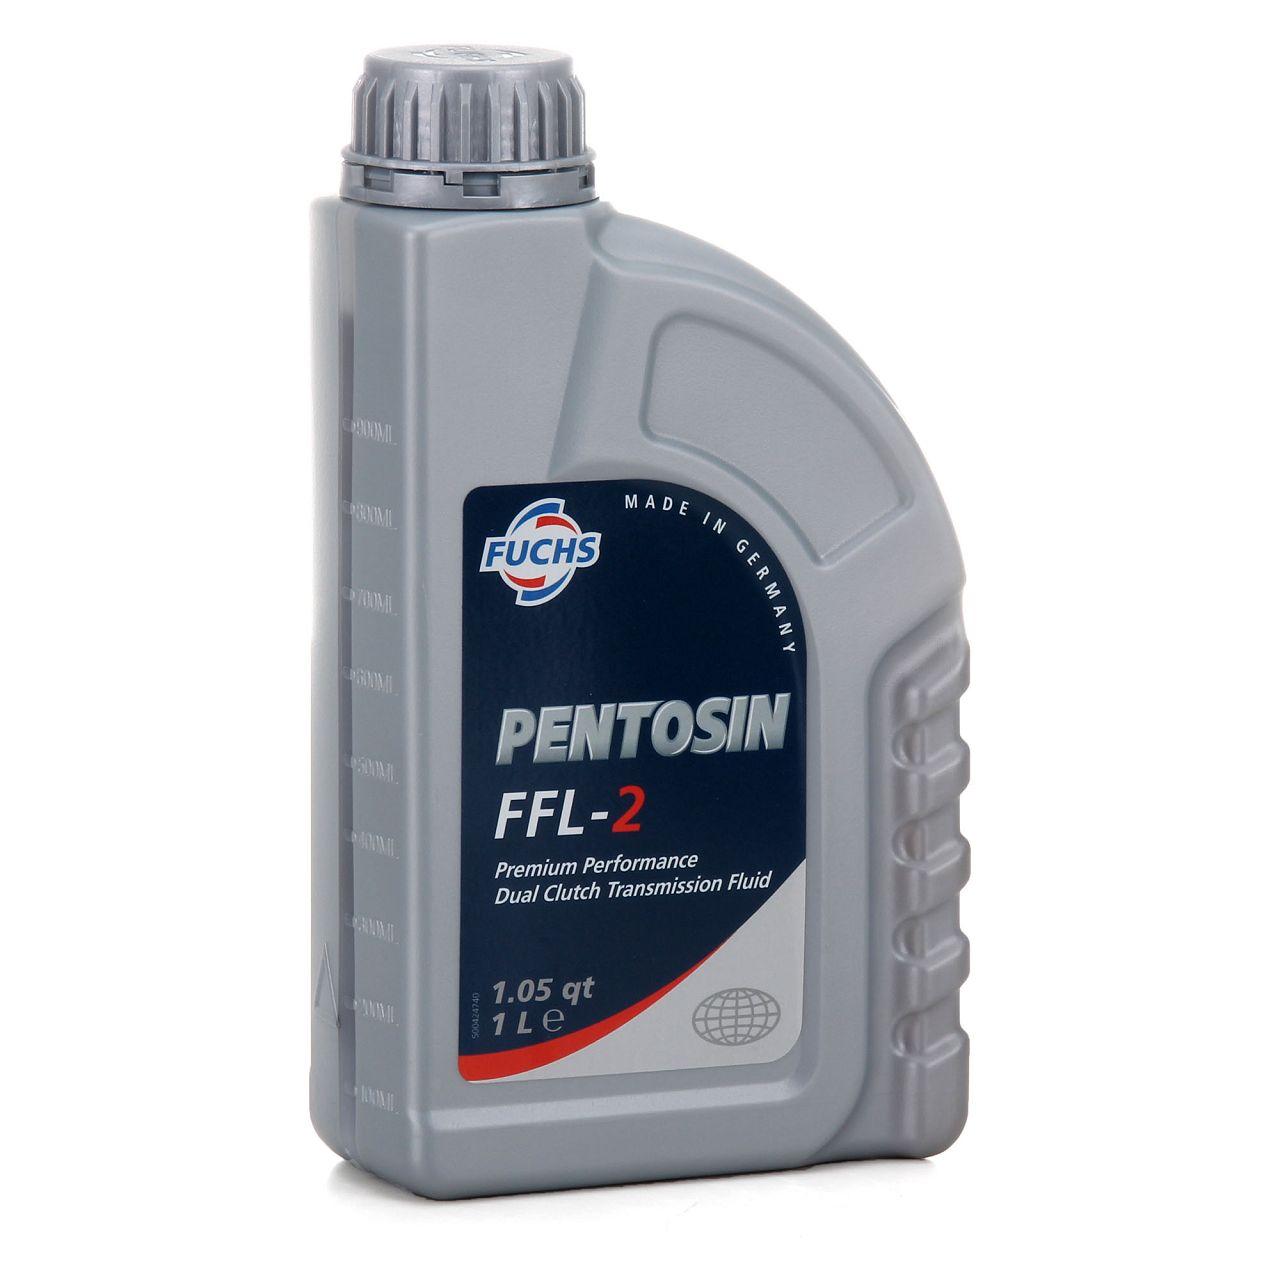 FUCHS Pentosin Getriebeöl Doppelkupplungsgetriebe 6-&7-Gang DSG FFL-2 - 1 Liter